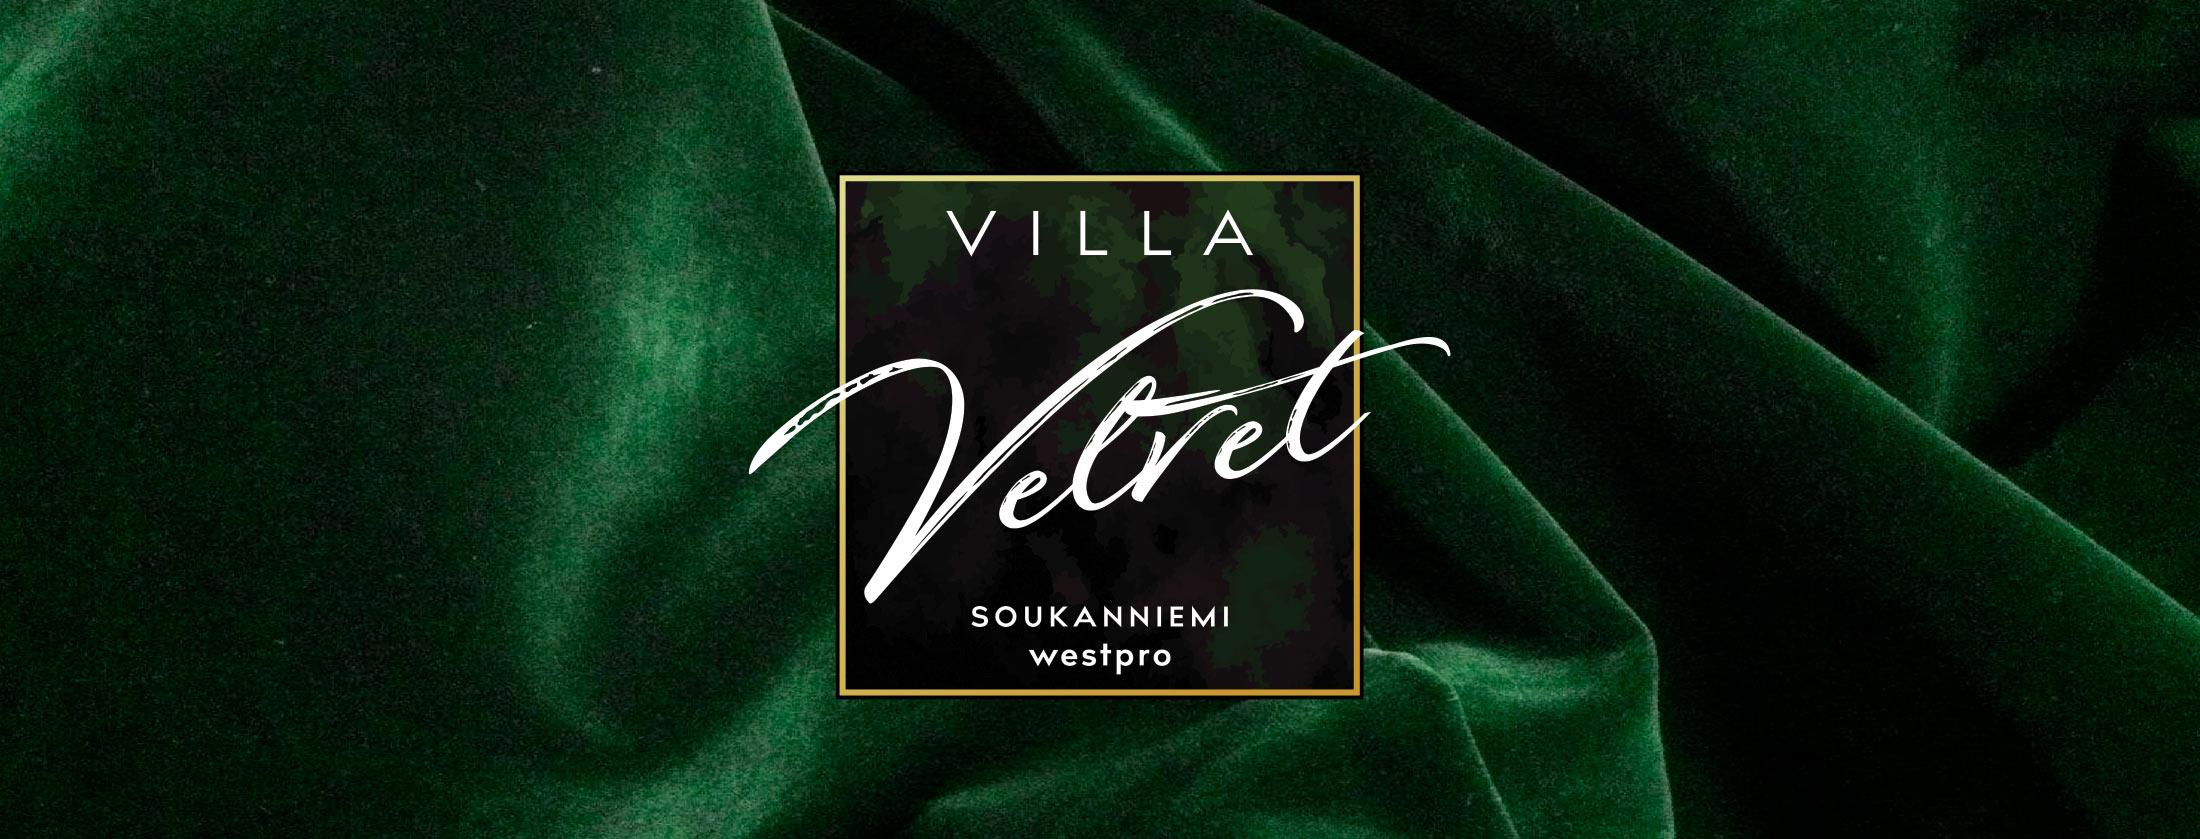 Villa Velvet-Nostokuva-kotisivut